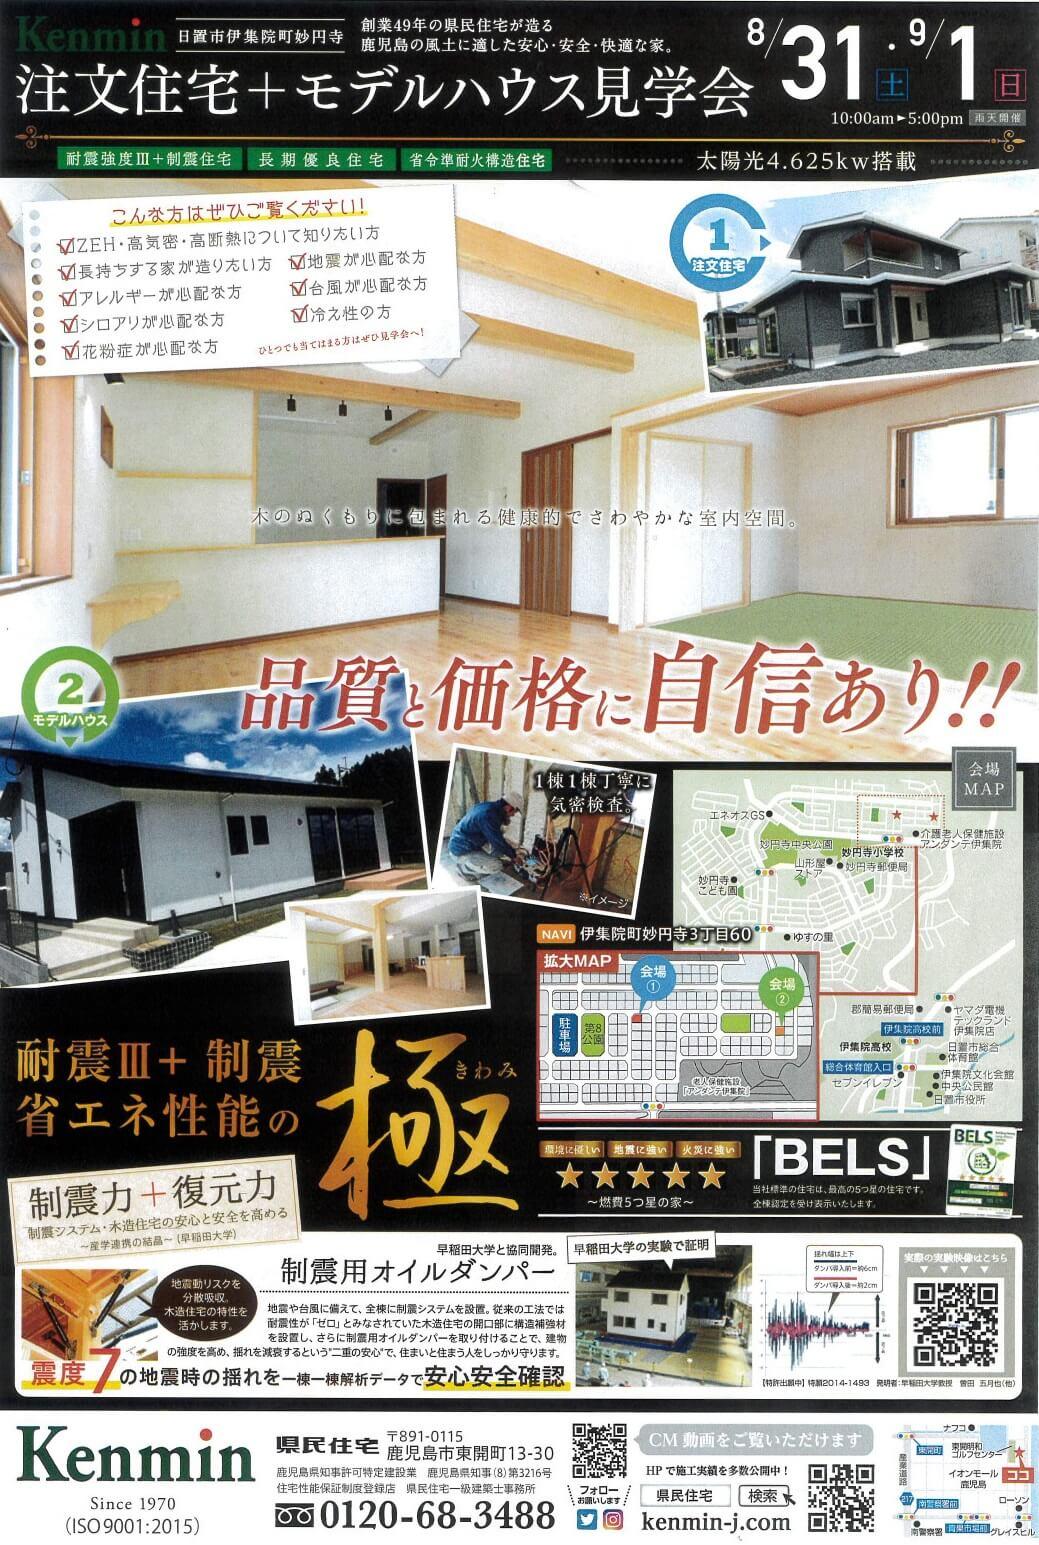 注文住宅+モデルハウス見学会8.31.9.1